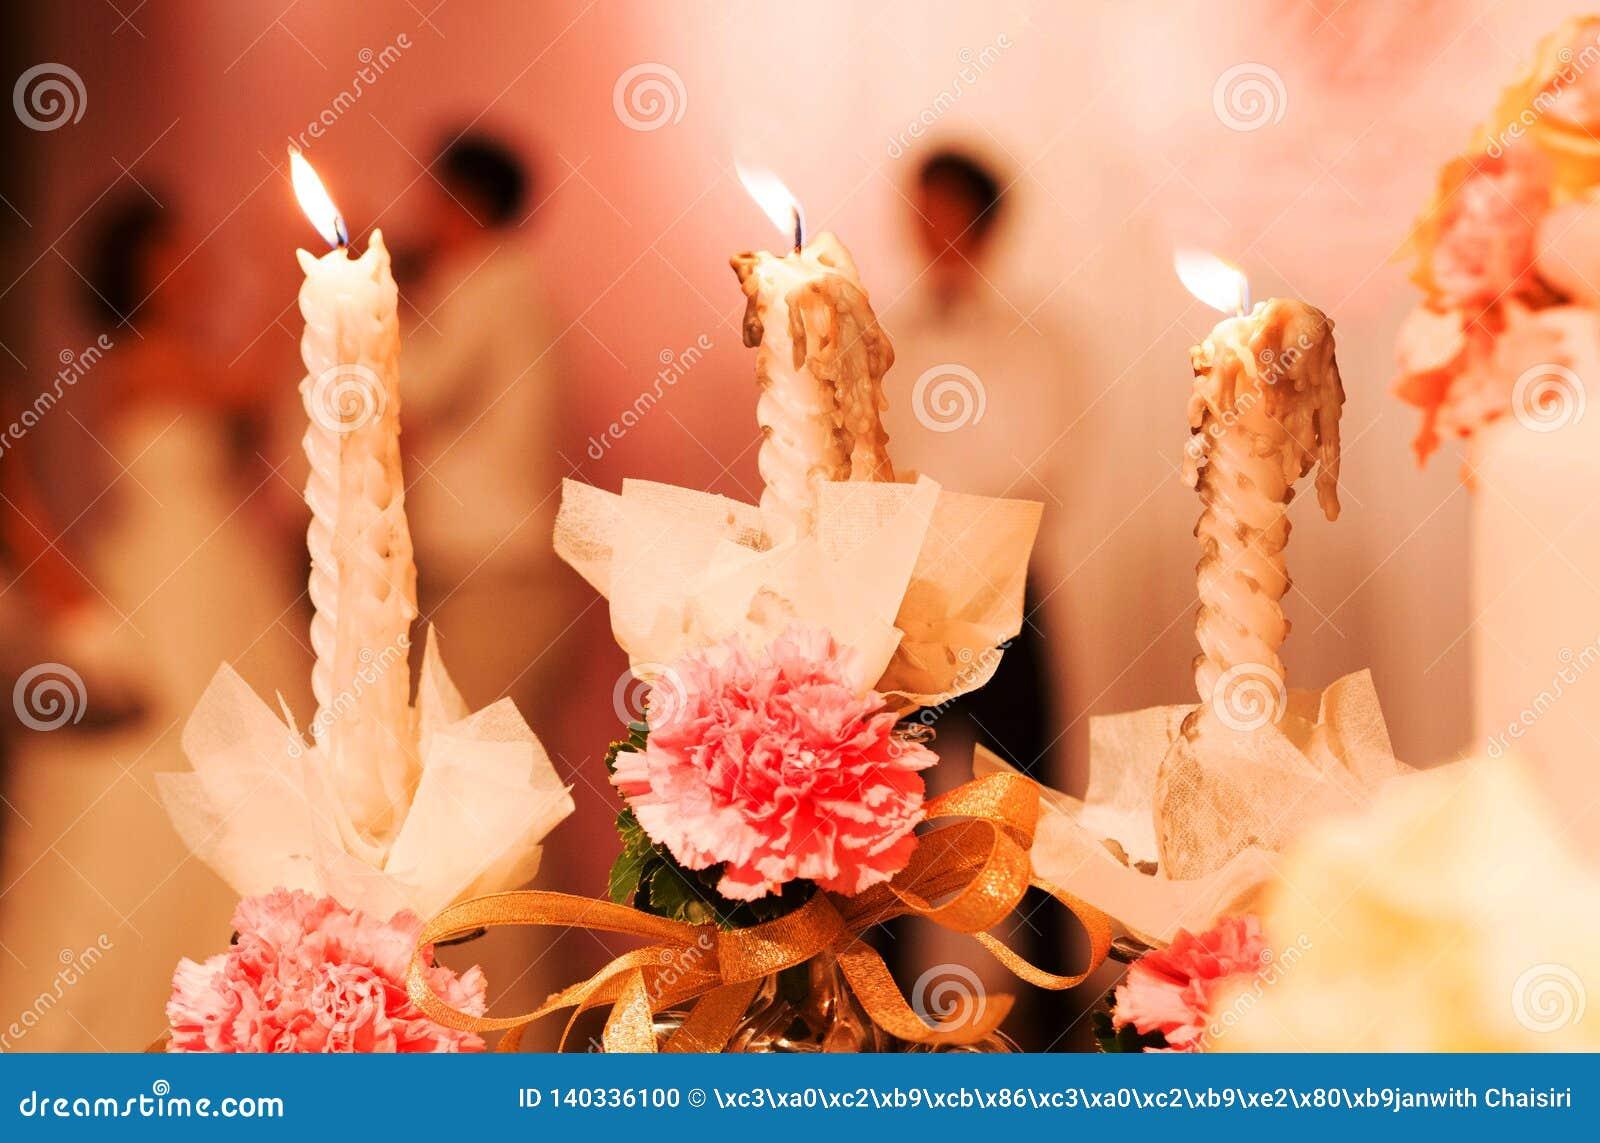 在婚姻的桌上的装饰与蜡烛,罗斯花瓶,书,在基督徒婚姻的笔 仪式基督教会婚礼